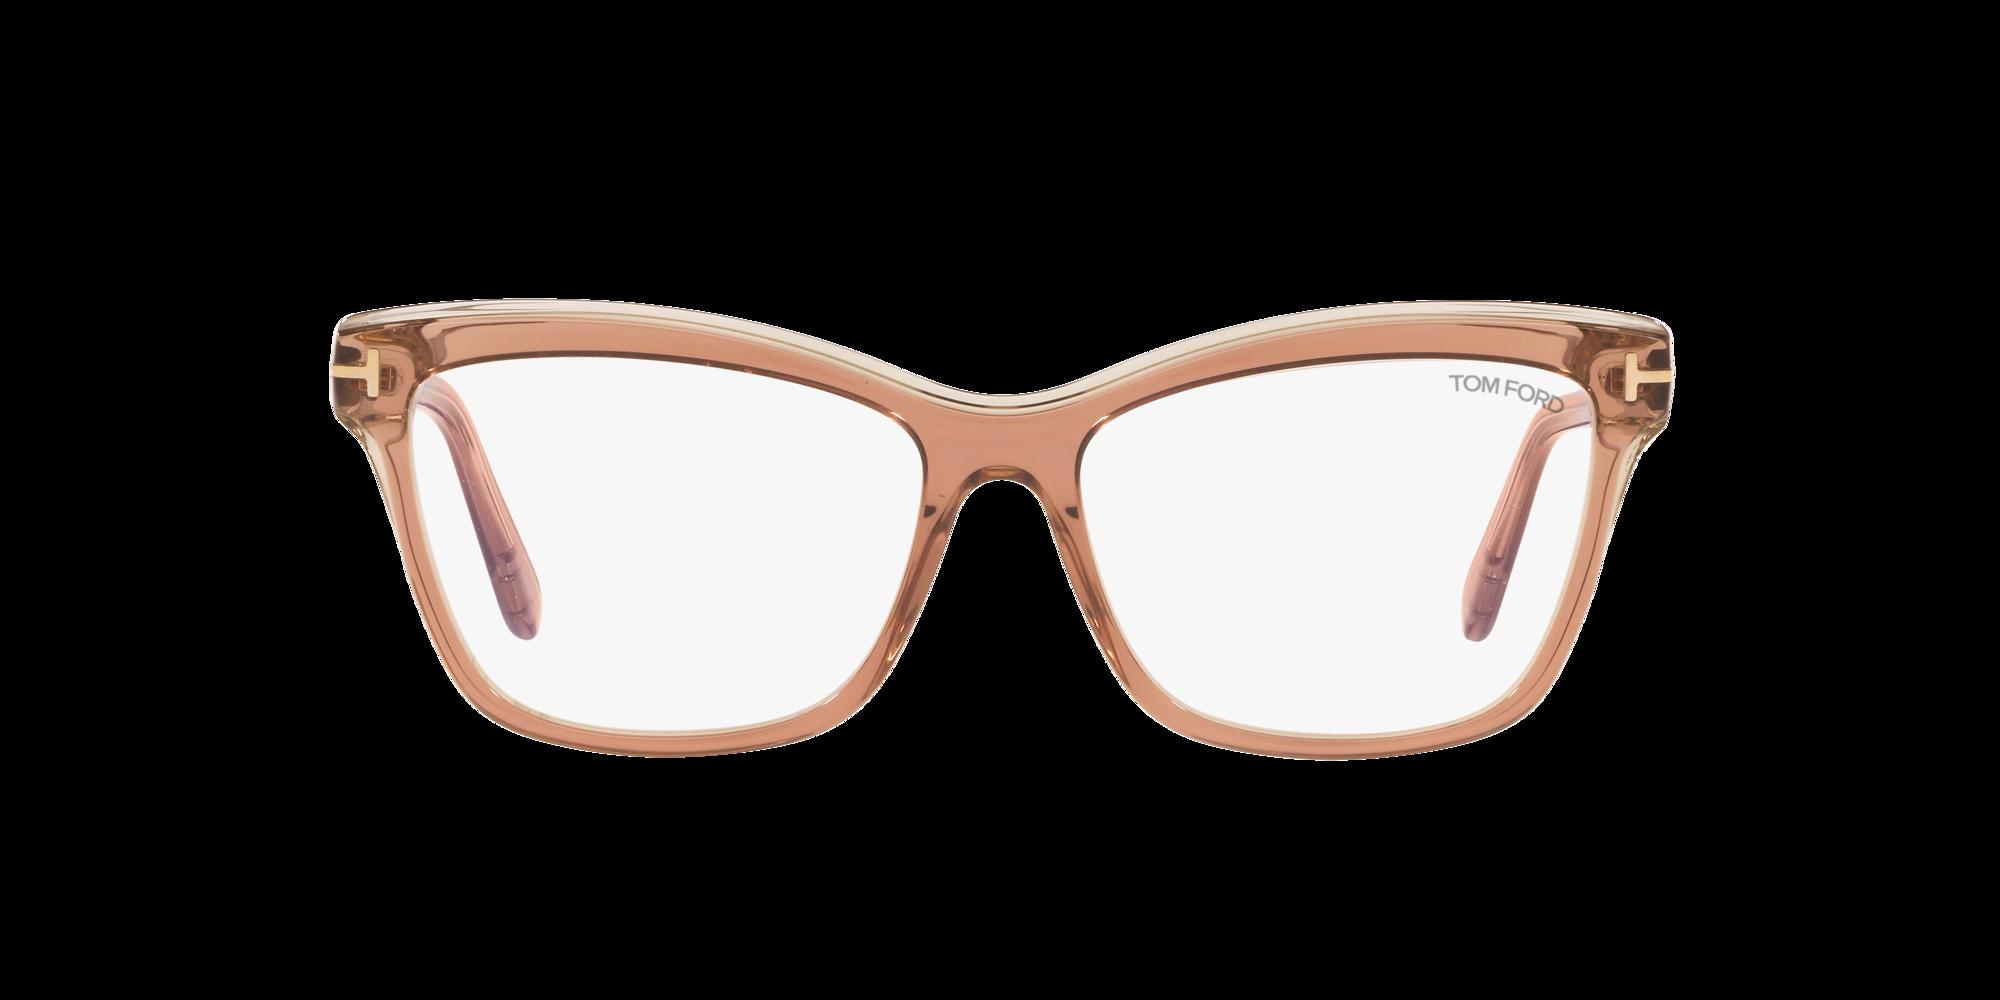 Imagen para FT5619-B de LensCrafters |  Espejuelos, espejuelos graduados en línea, gafas